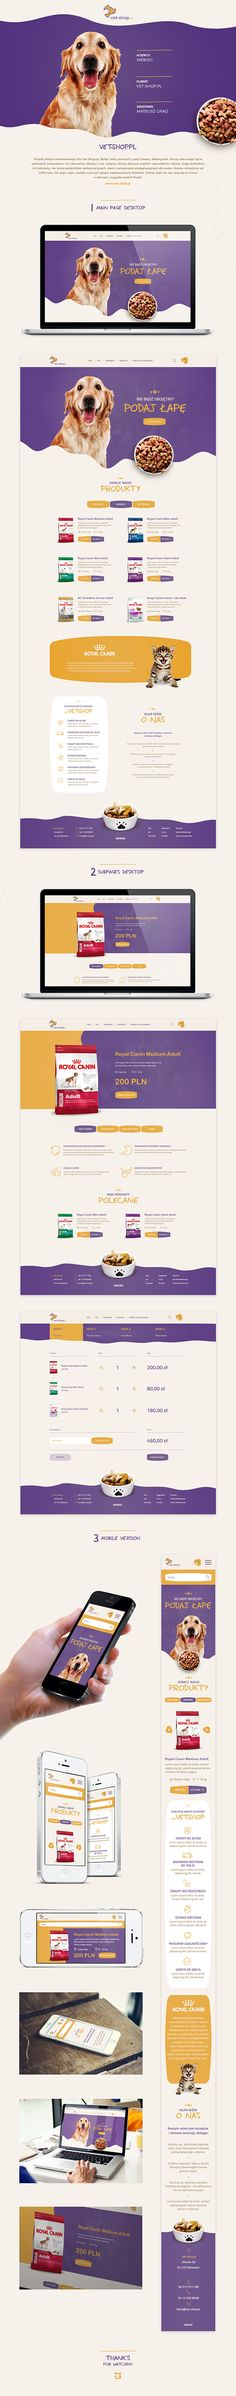 Vet-shop.pl - Web Design